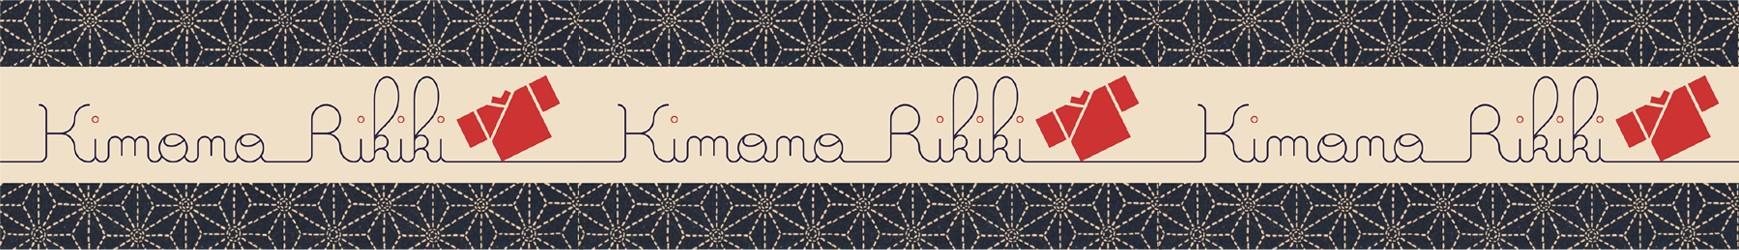 kimono-rikiki.com